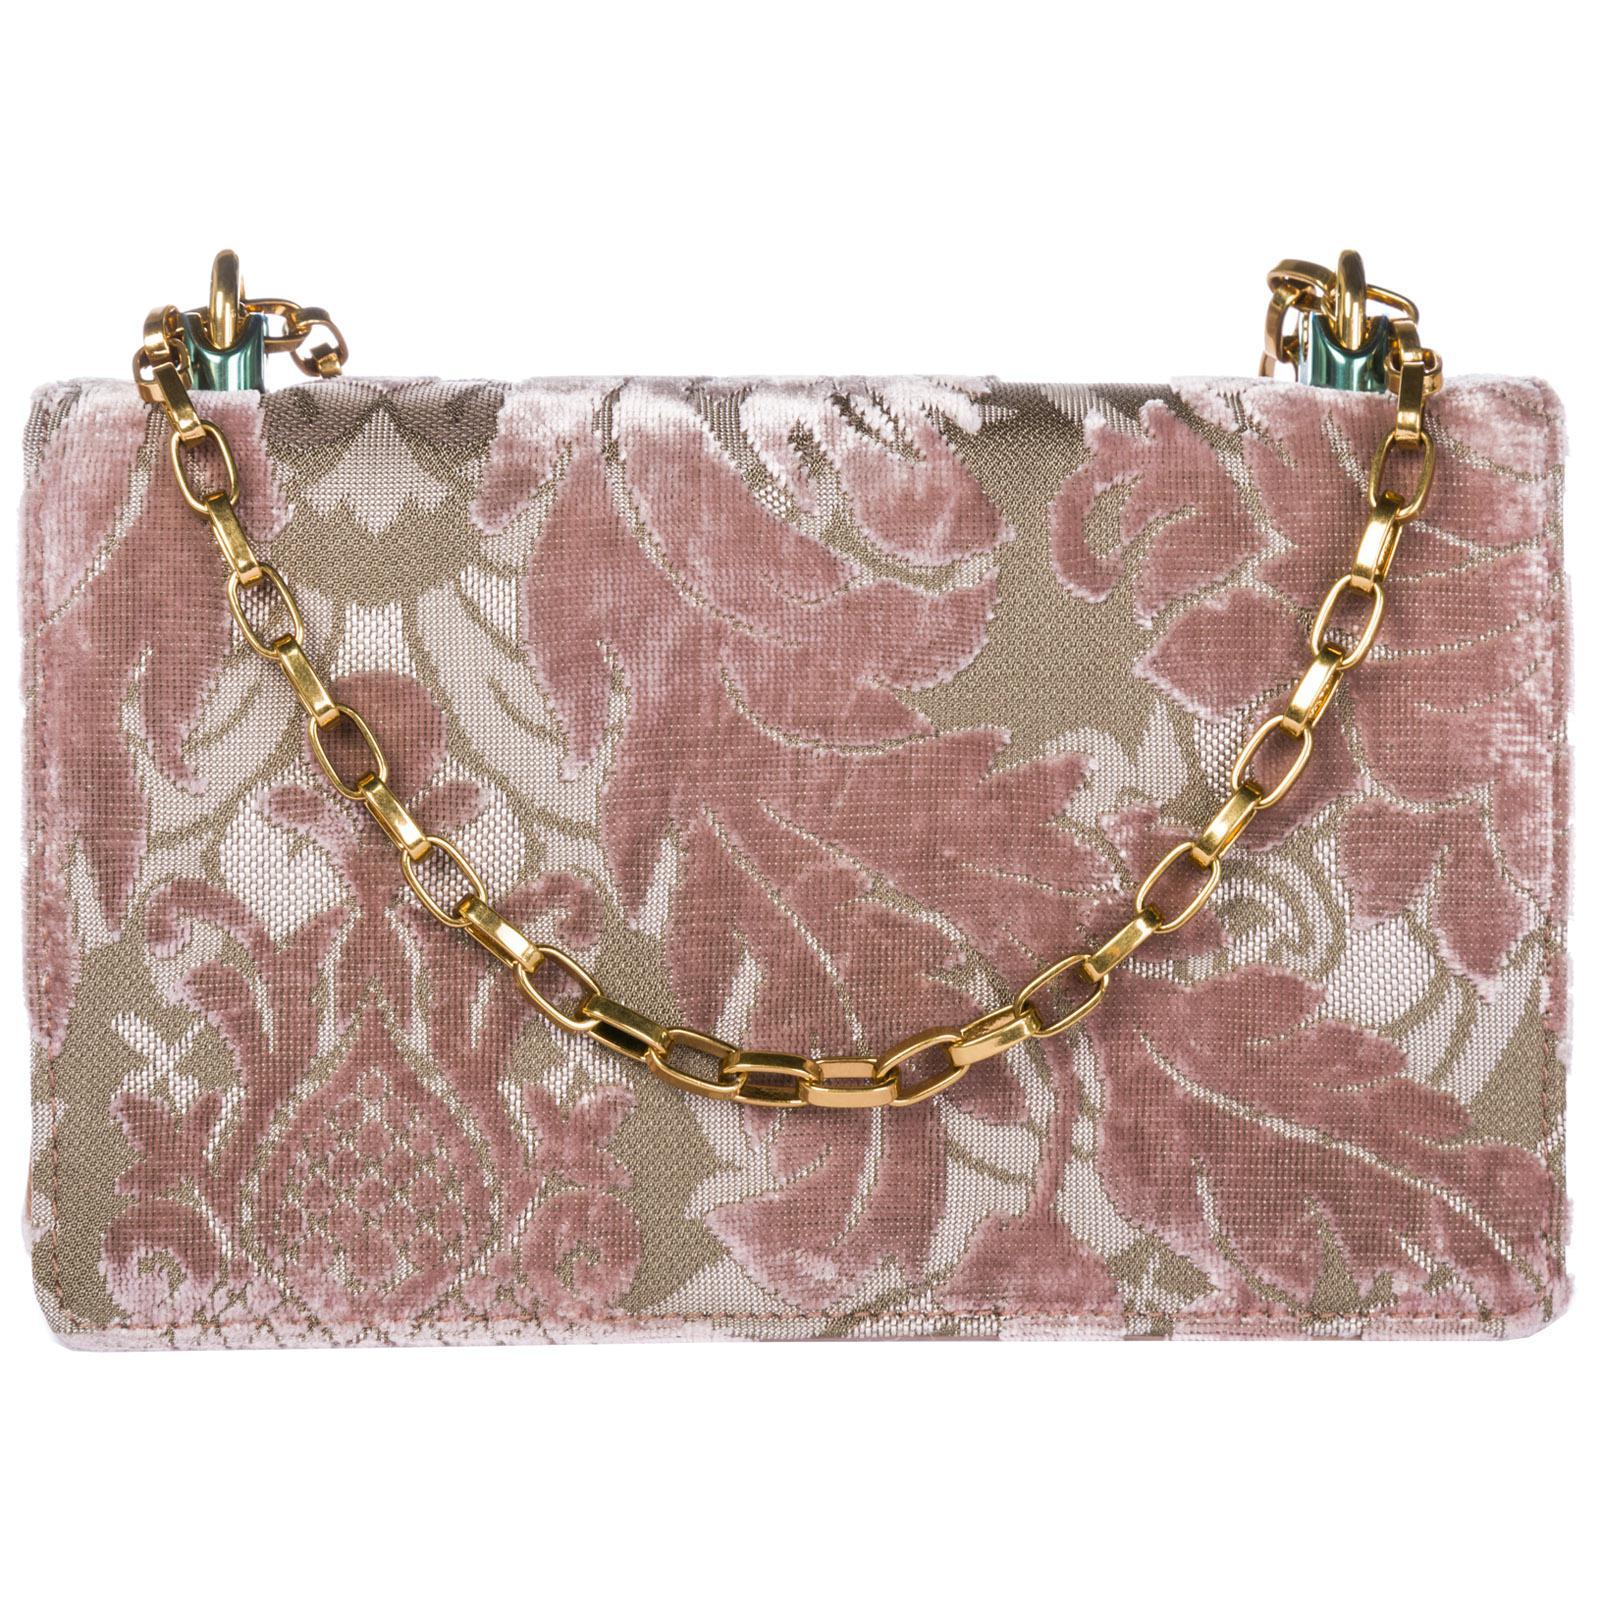 d42d8d90475a Dolce   Gabbana - Pink Leather Cross-body Messenger Shoulder Bag Dg Girls -  Lyst. View fullscreen